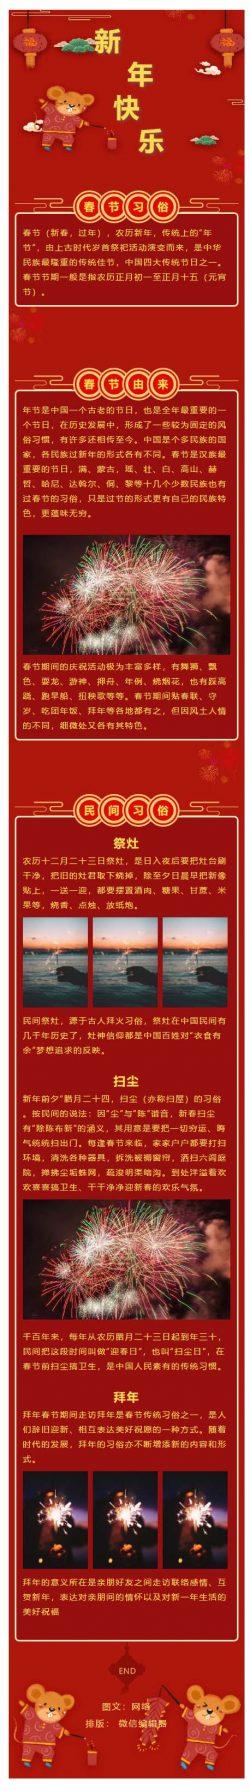 春节新春微信公众号模板微信模板推送素材图文红色喜庆